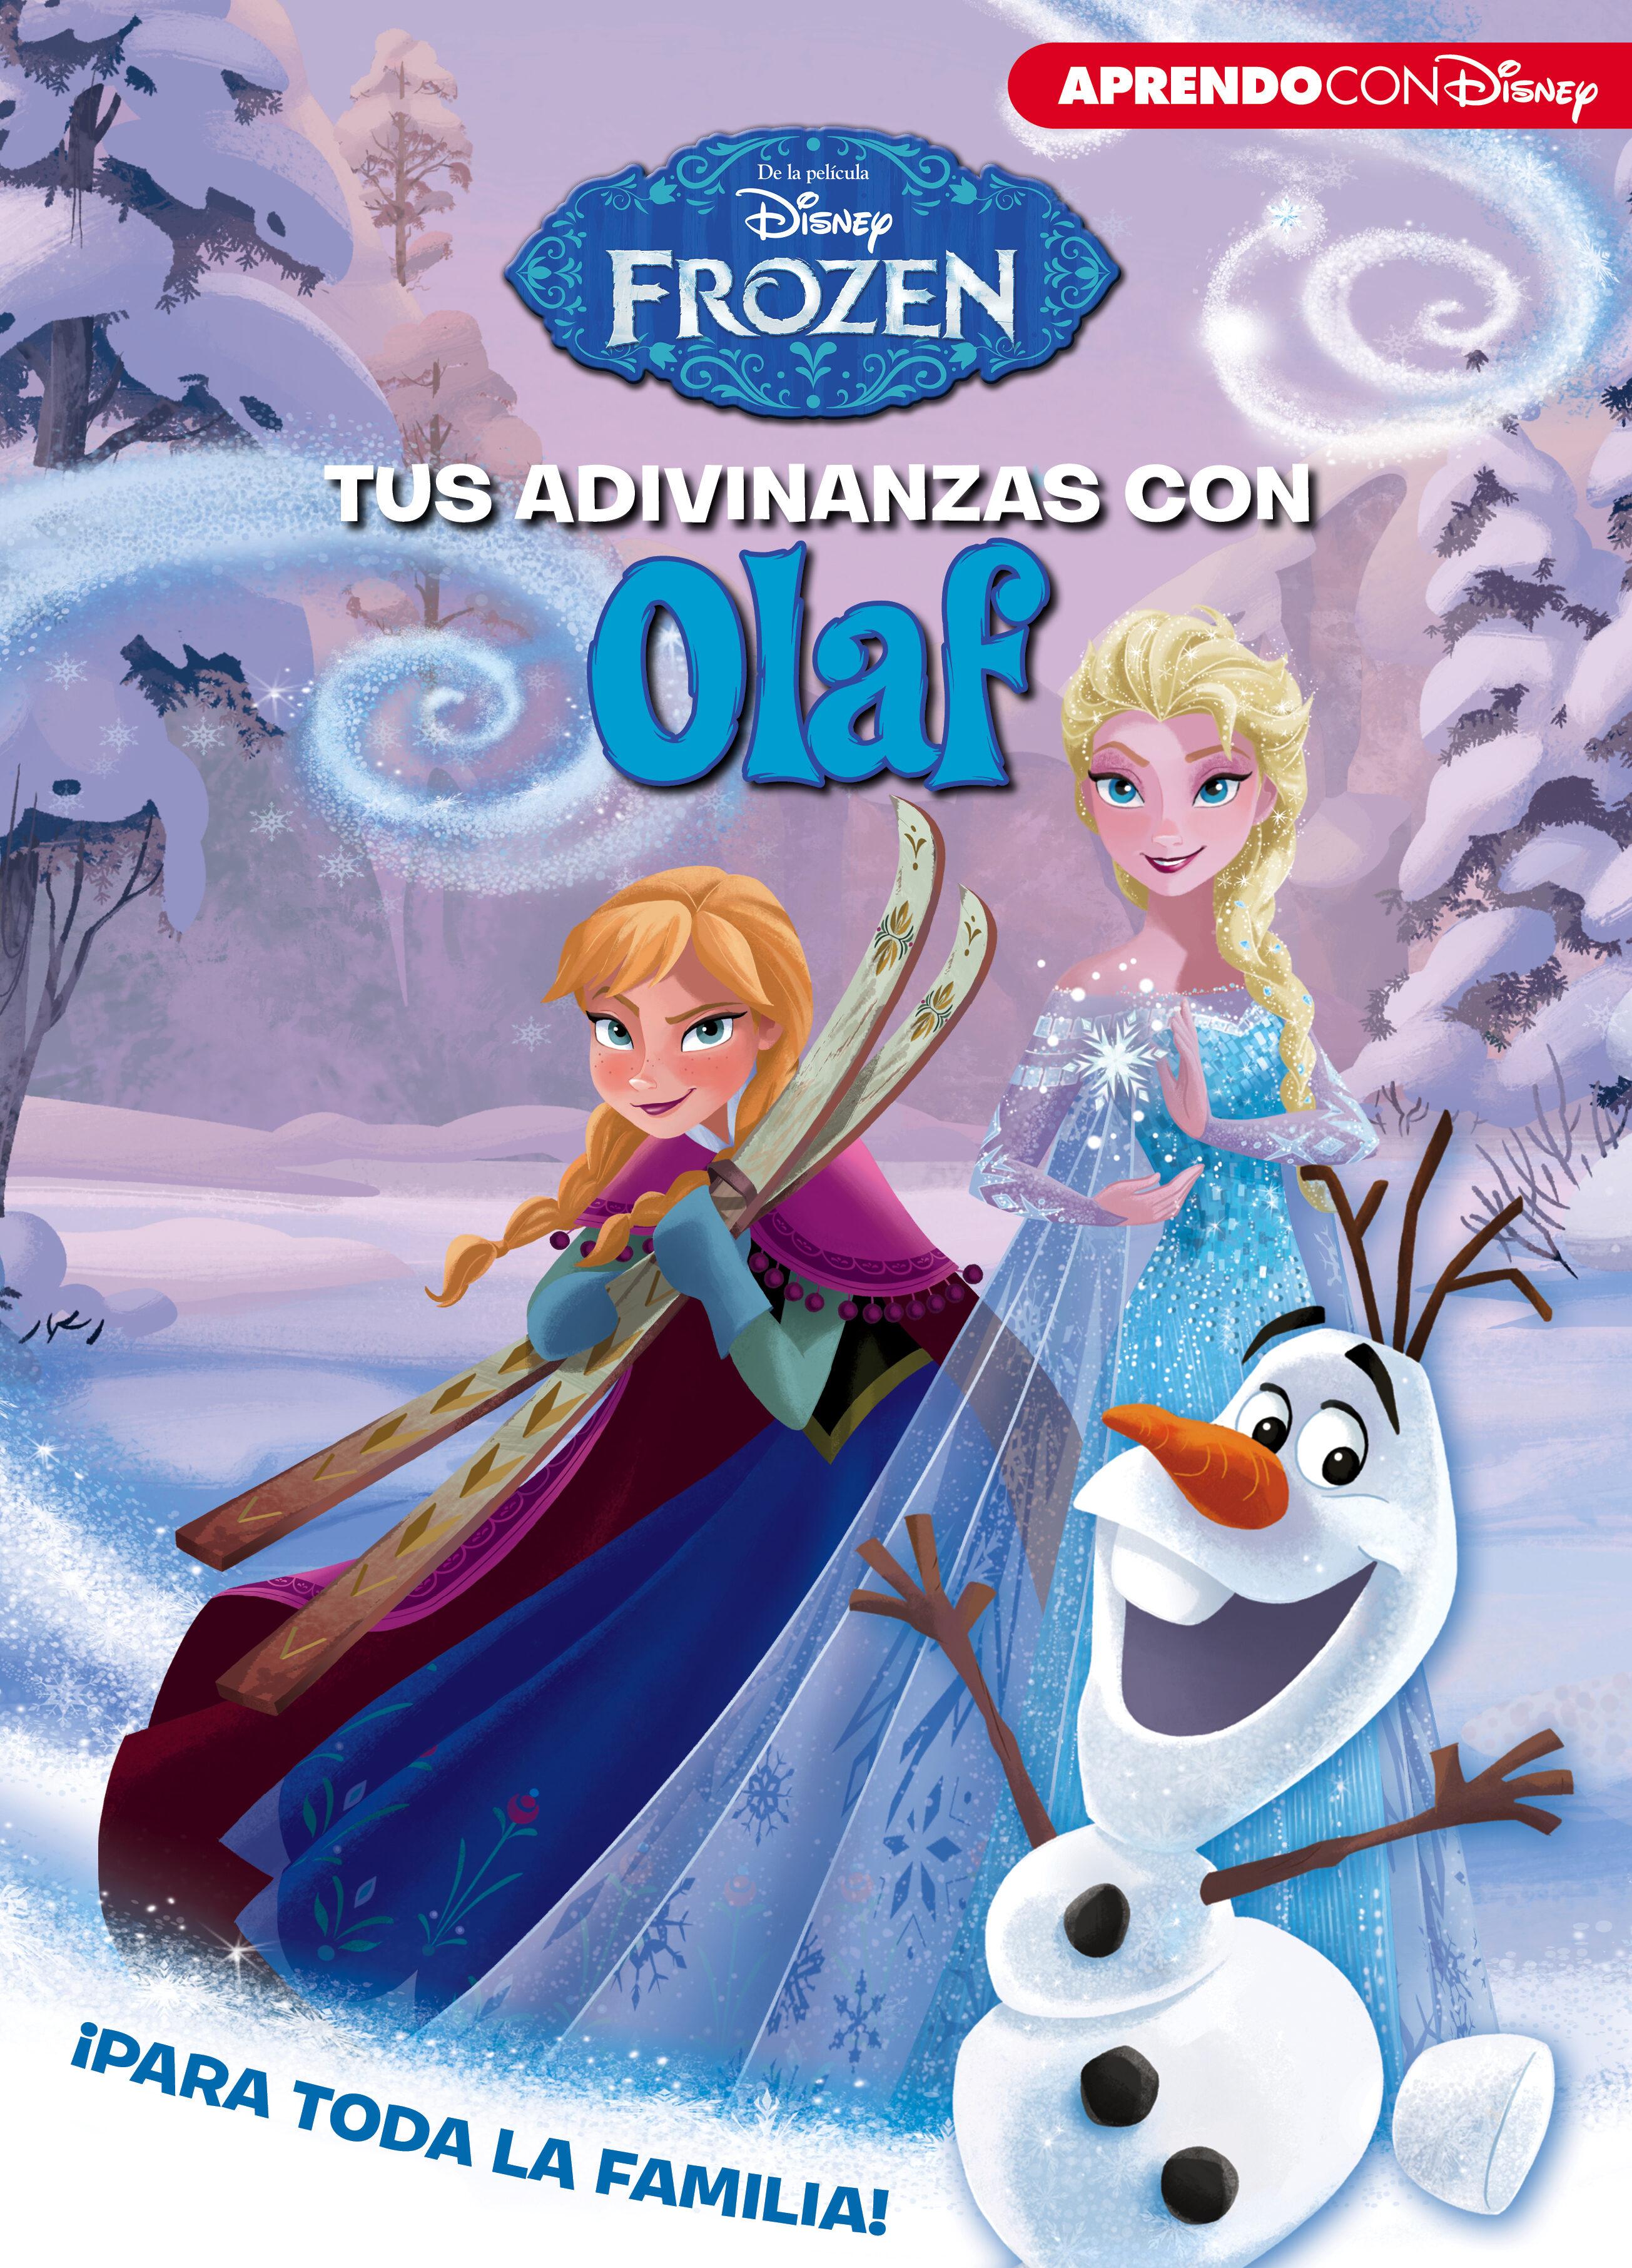 Tus Adivinanzas Con Olaf (adivinanzas Disney) por Vv.aa.